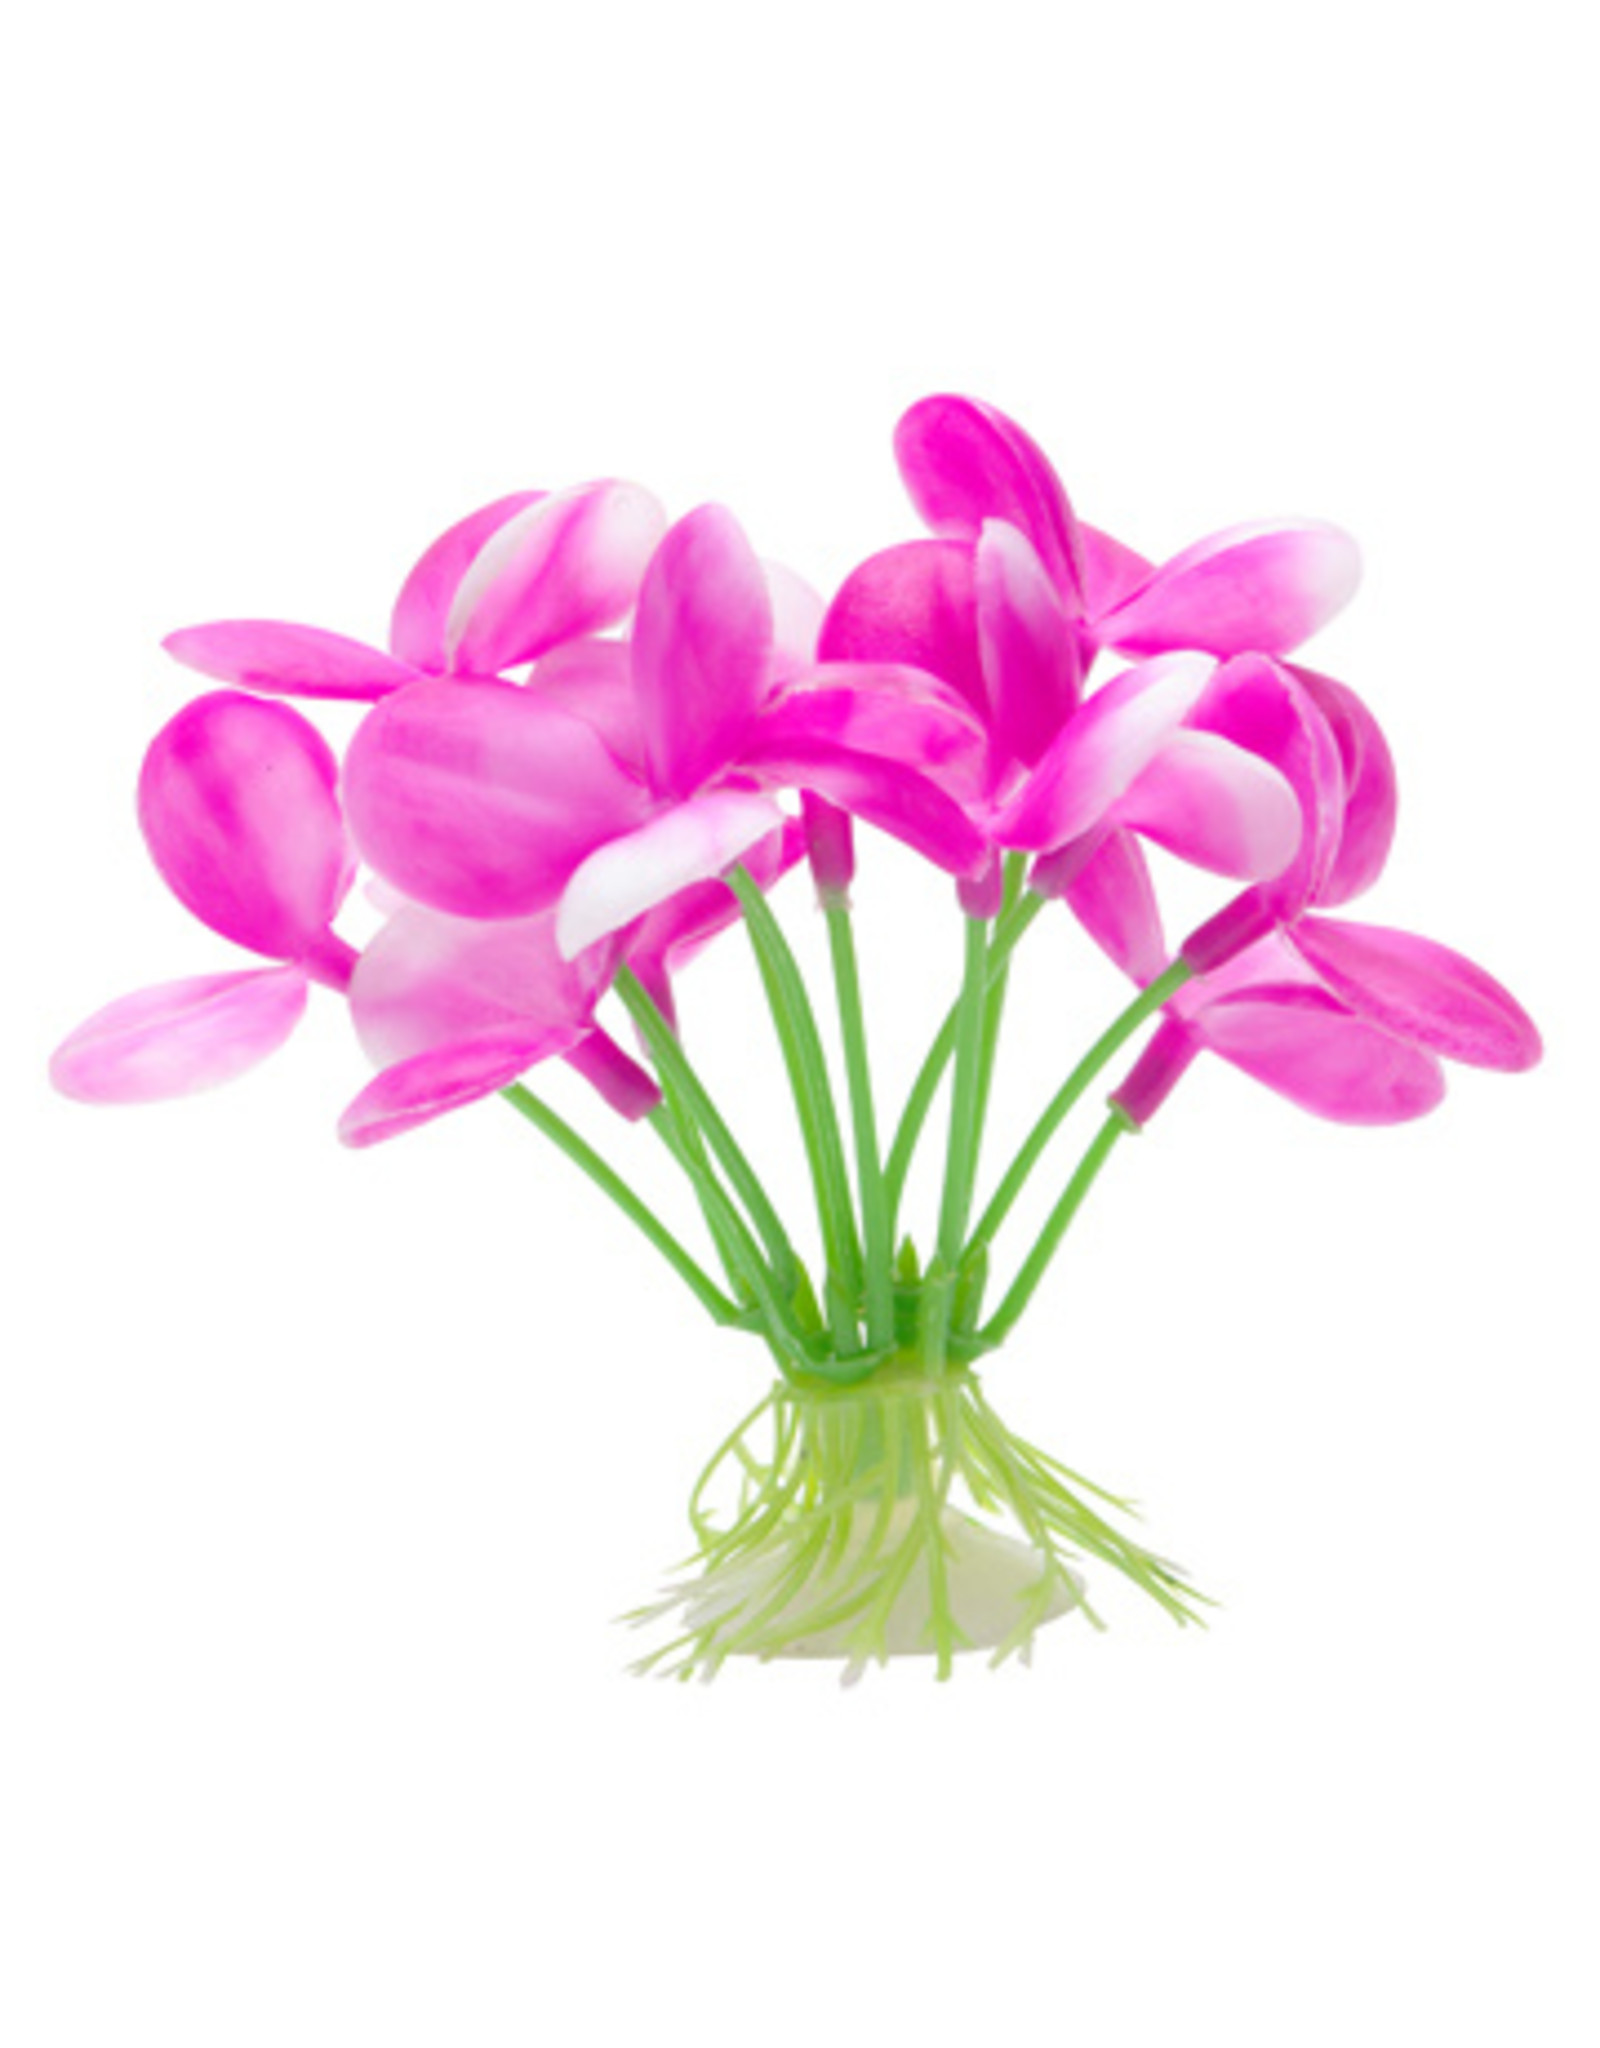 Marina MARINA Betta Ornament Pink Orchid